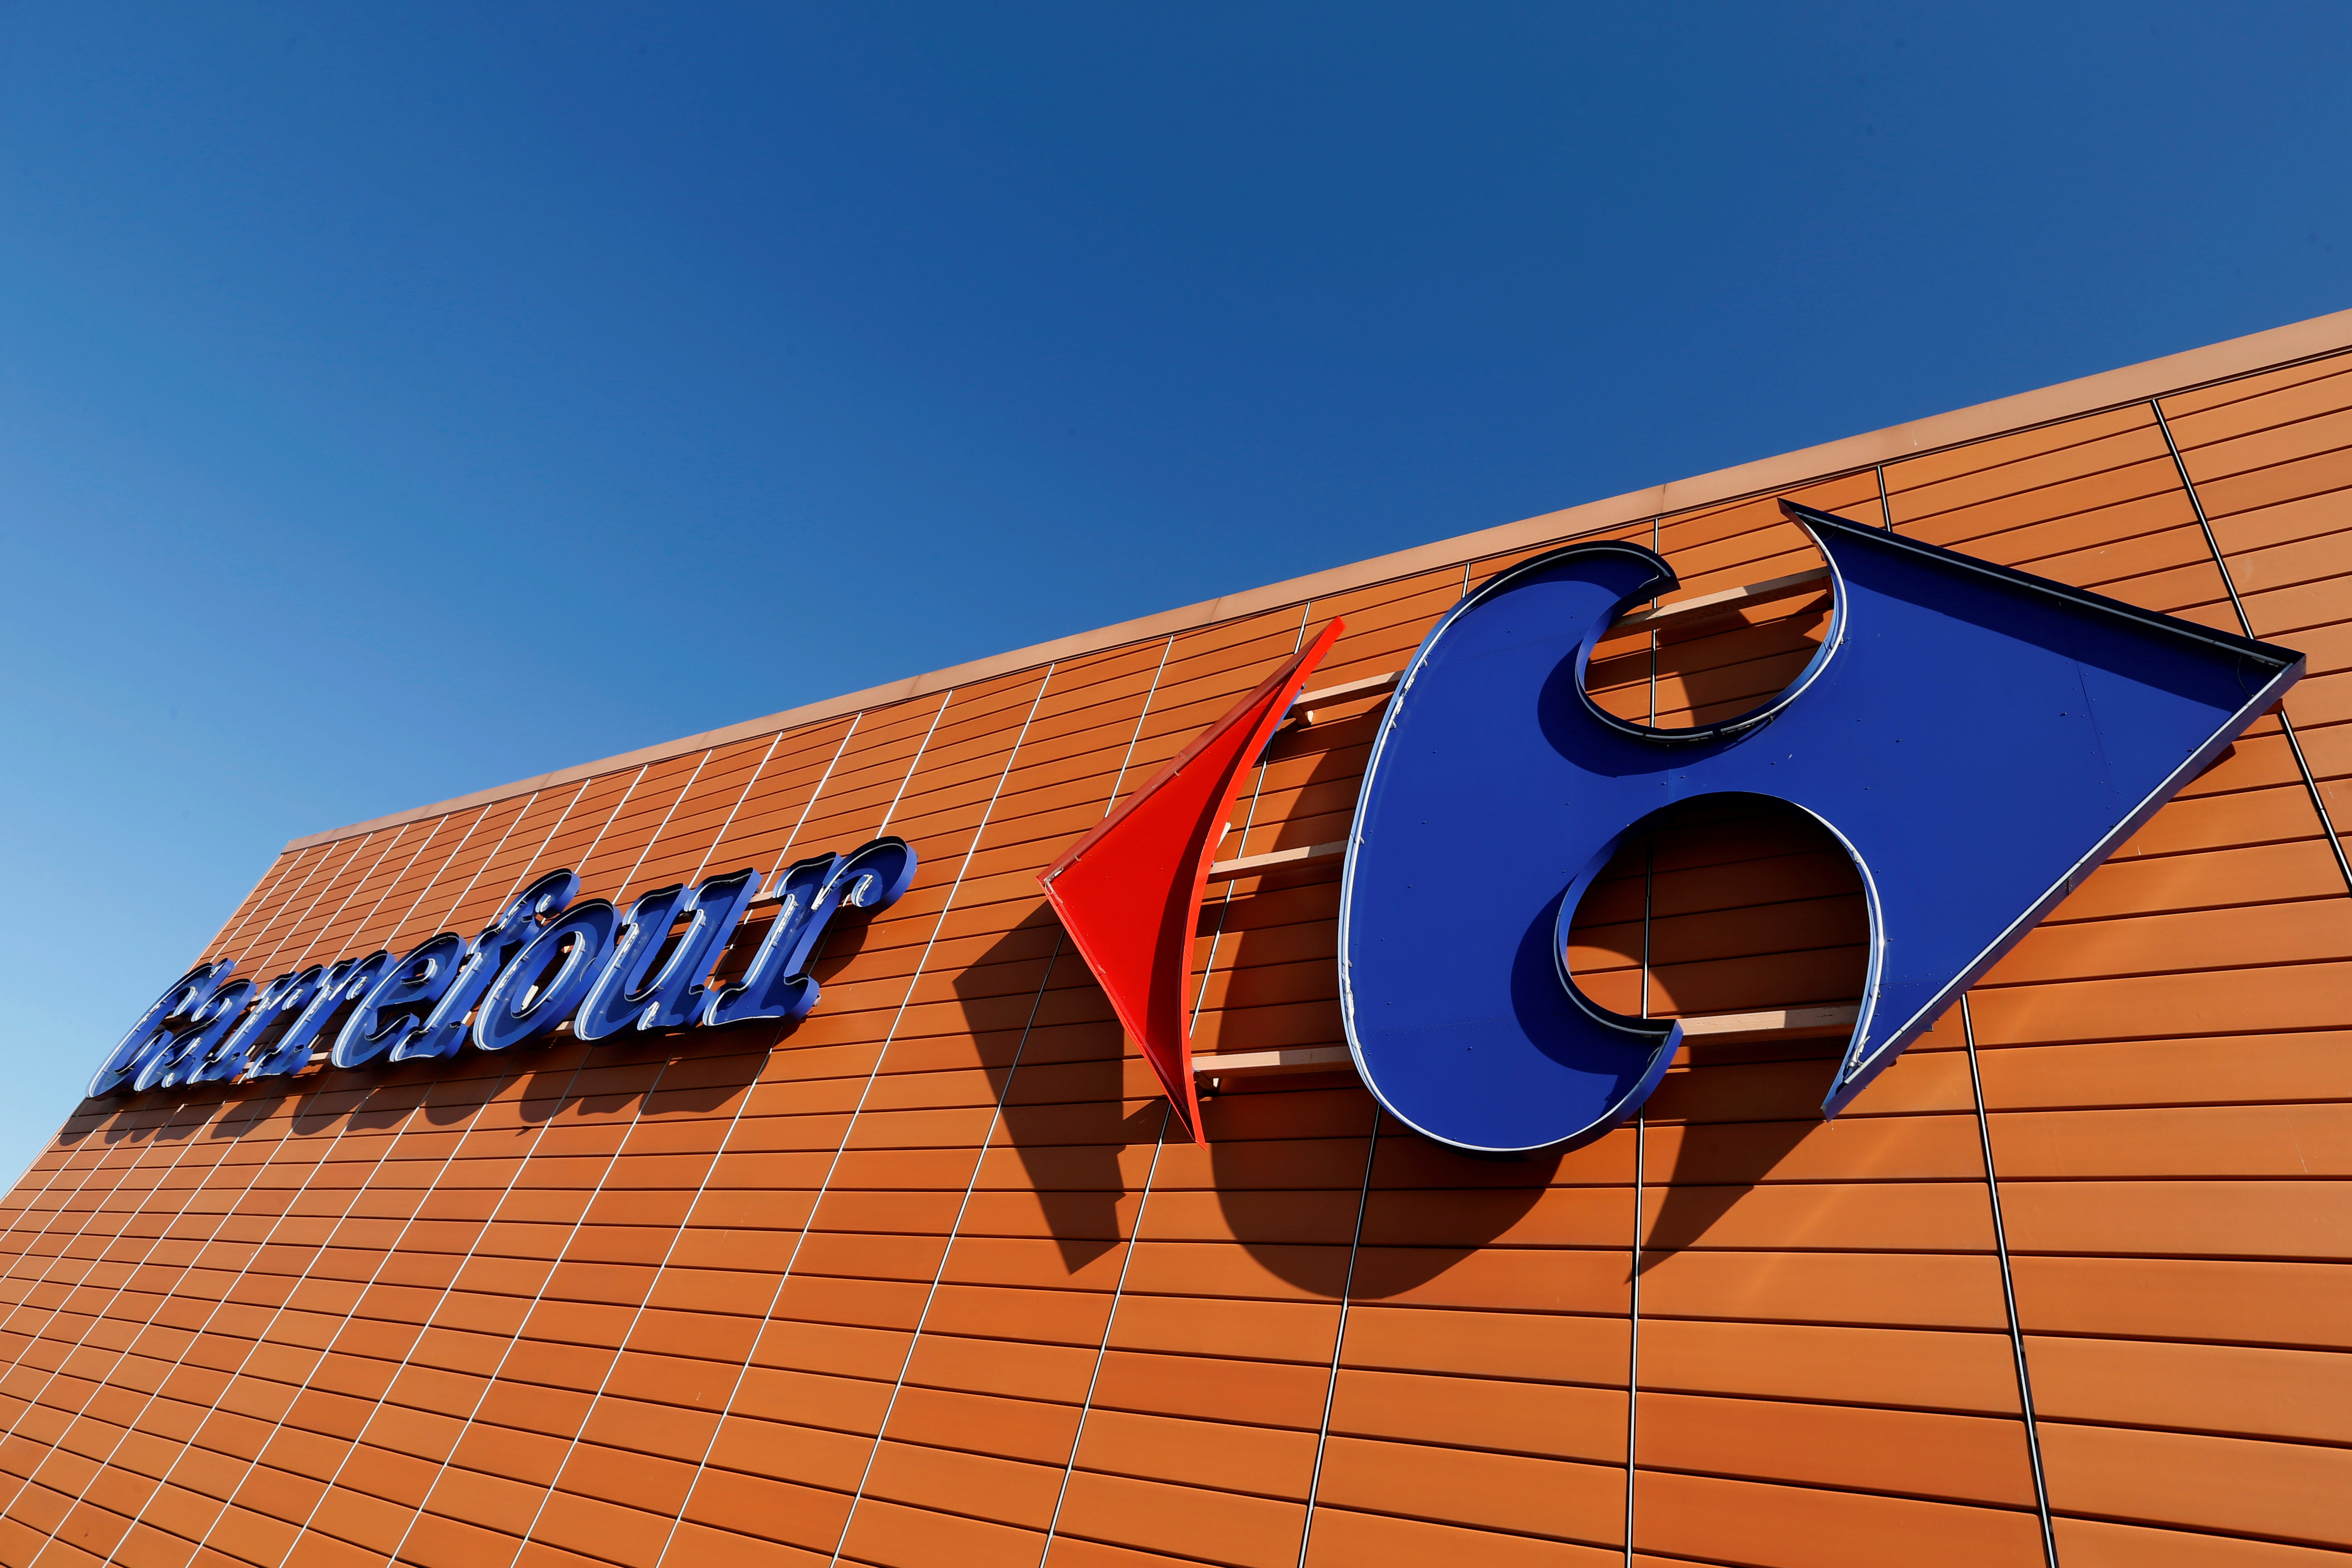 Livraison à domicile : Carrefour s'associe à la start-up Glovo dans quatre pays